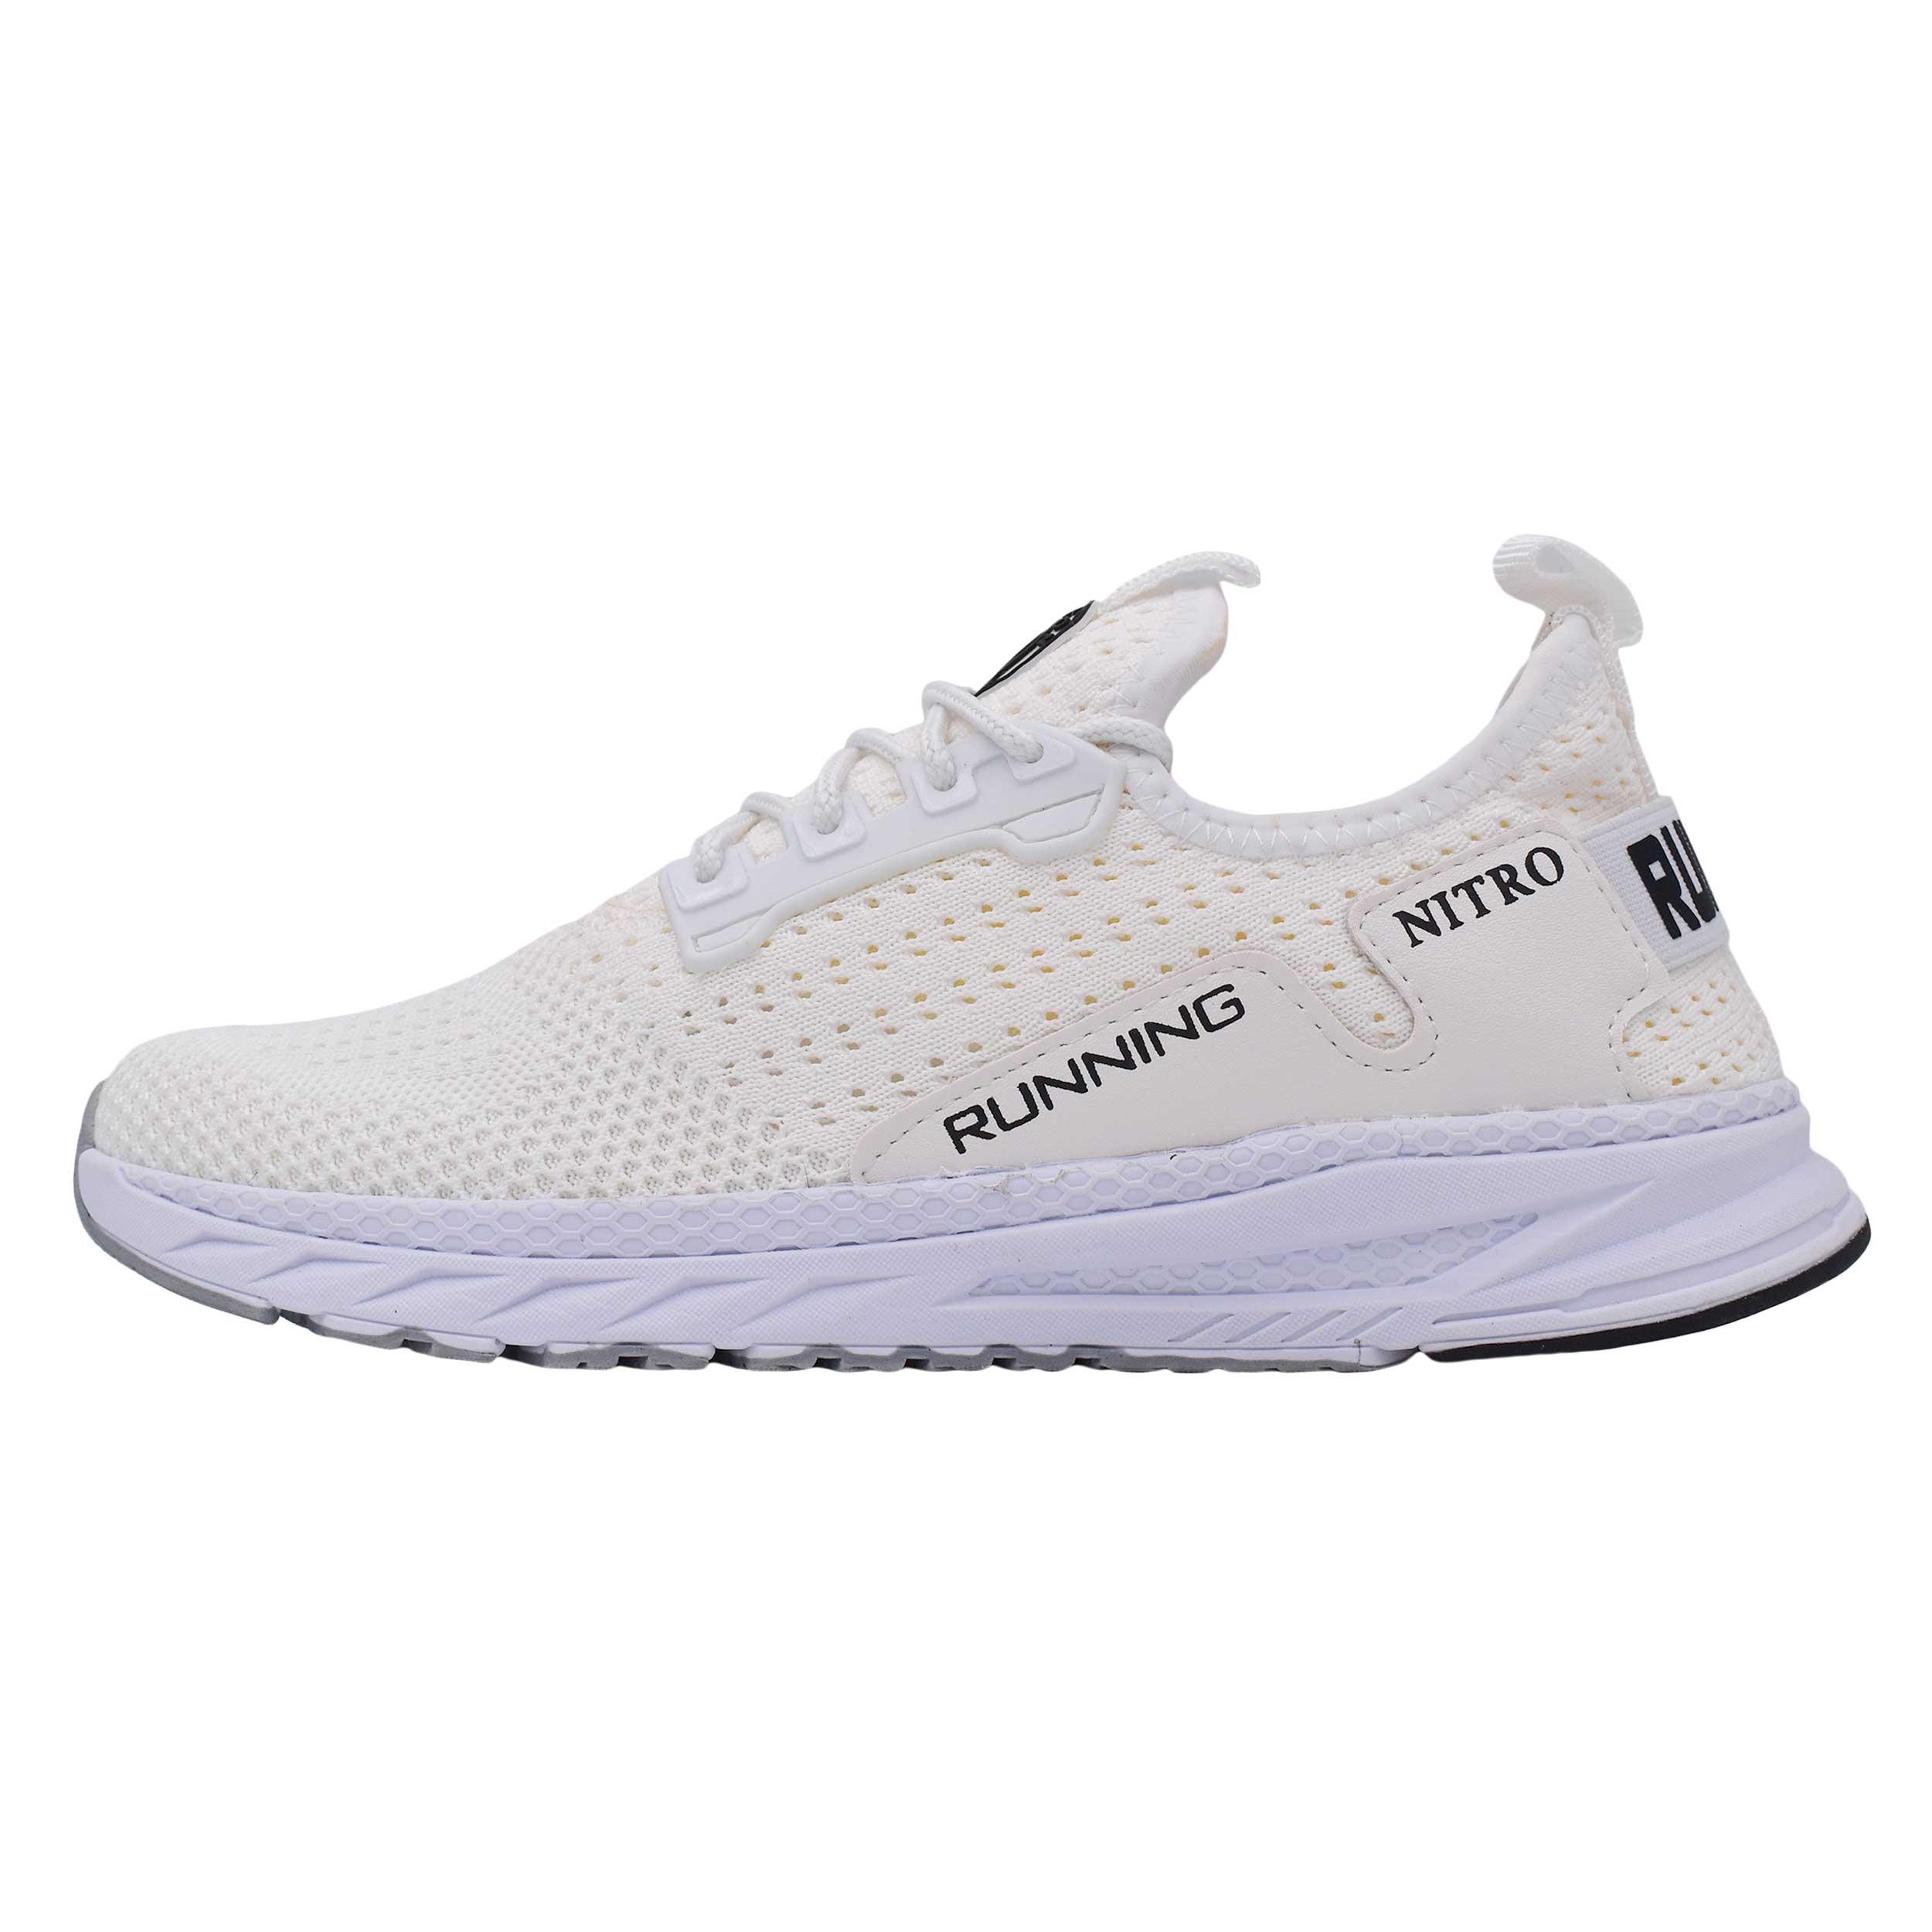 کفش مخصوص پیاده روی مردانه نیترو مدل N-006W کد 7487